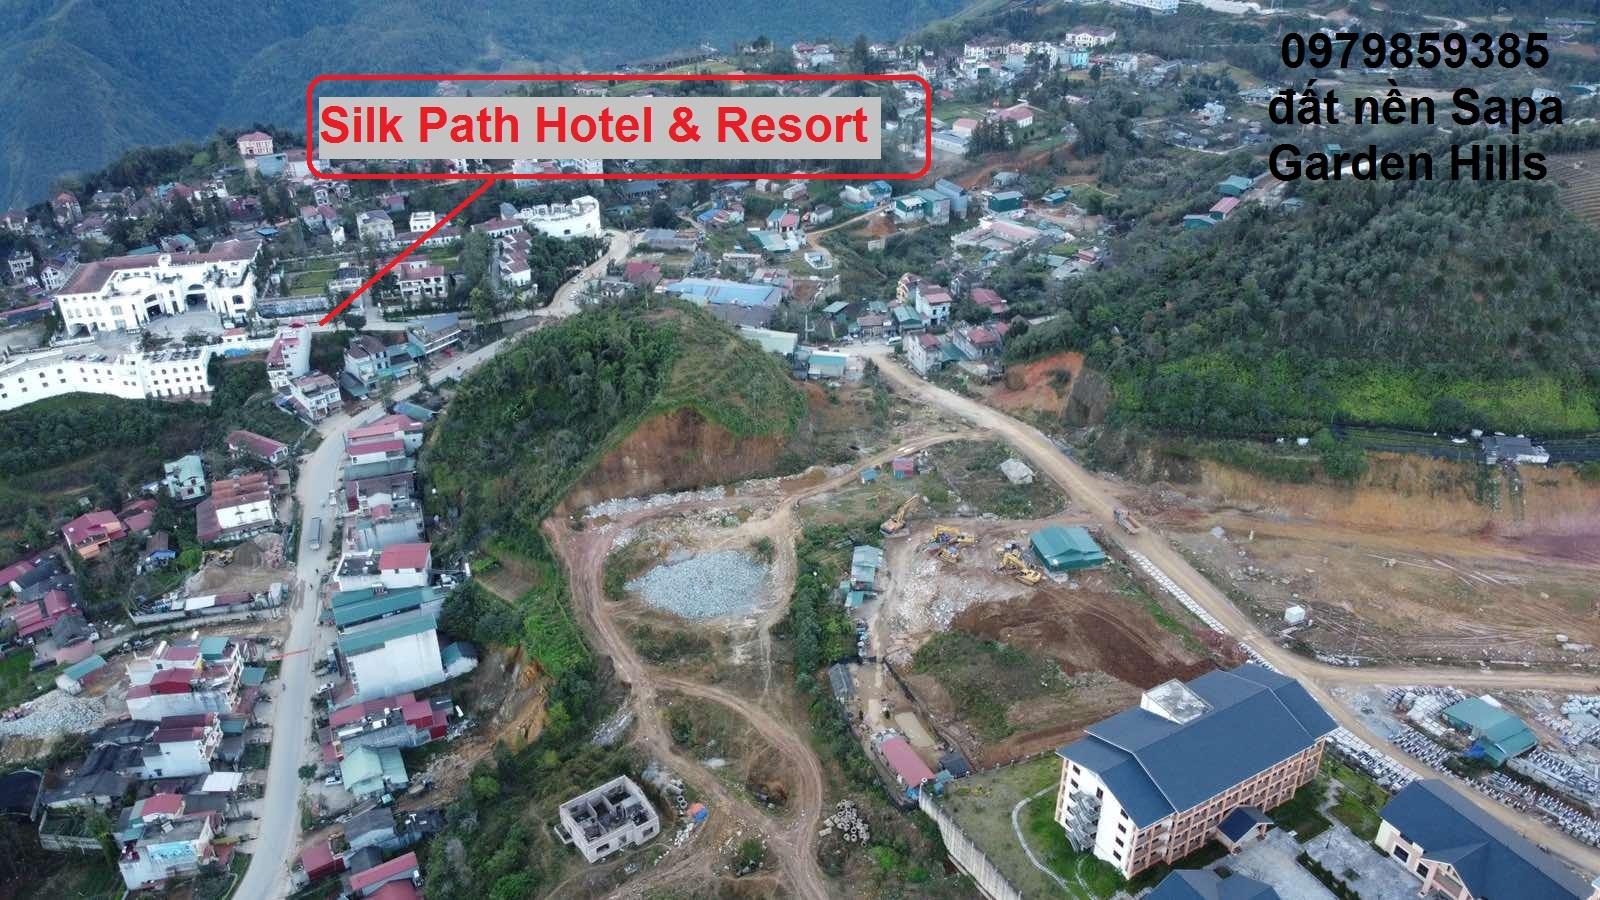 Đất nền giá rẻ chọn ngay SAPA GARDEN HILLS 90 lô duy nhất chỉ 30tr/m